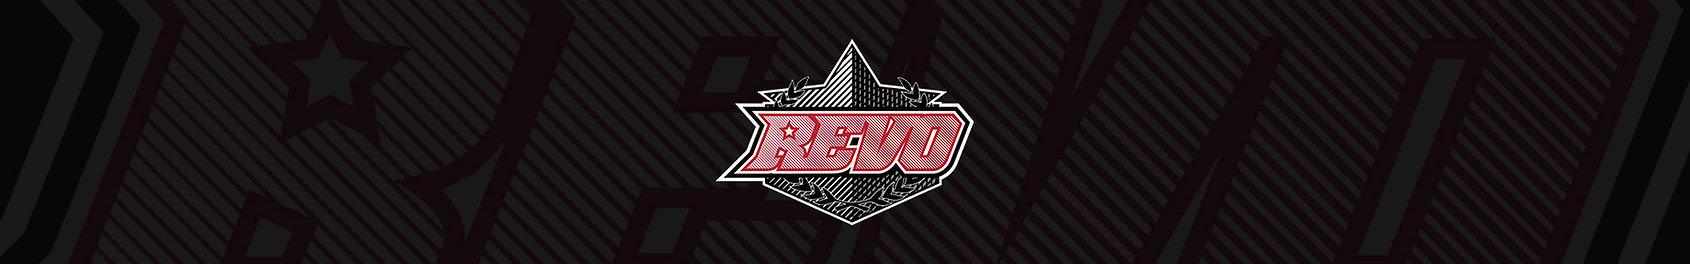 LogoBar_BaltimoreRevo.jpg